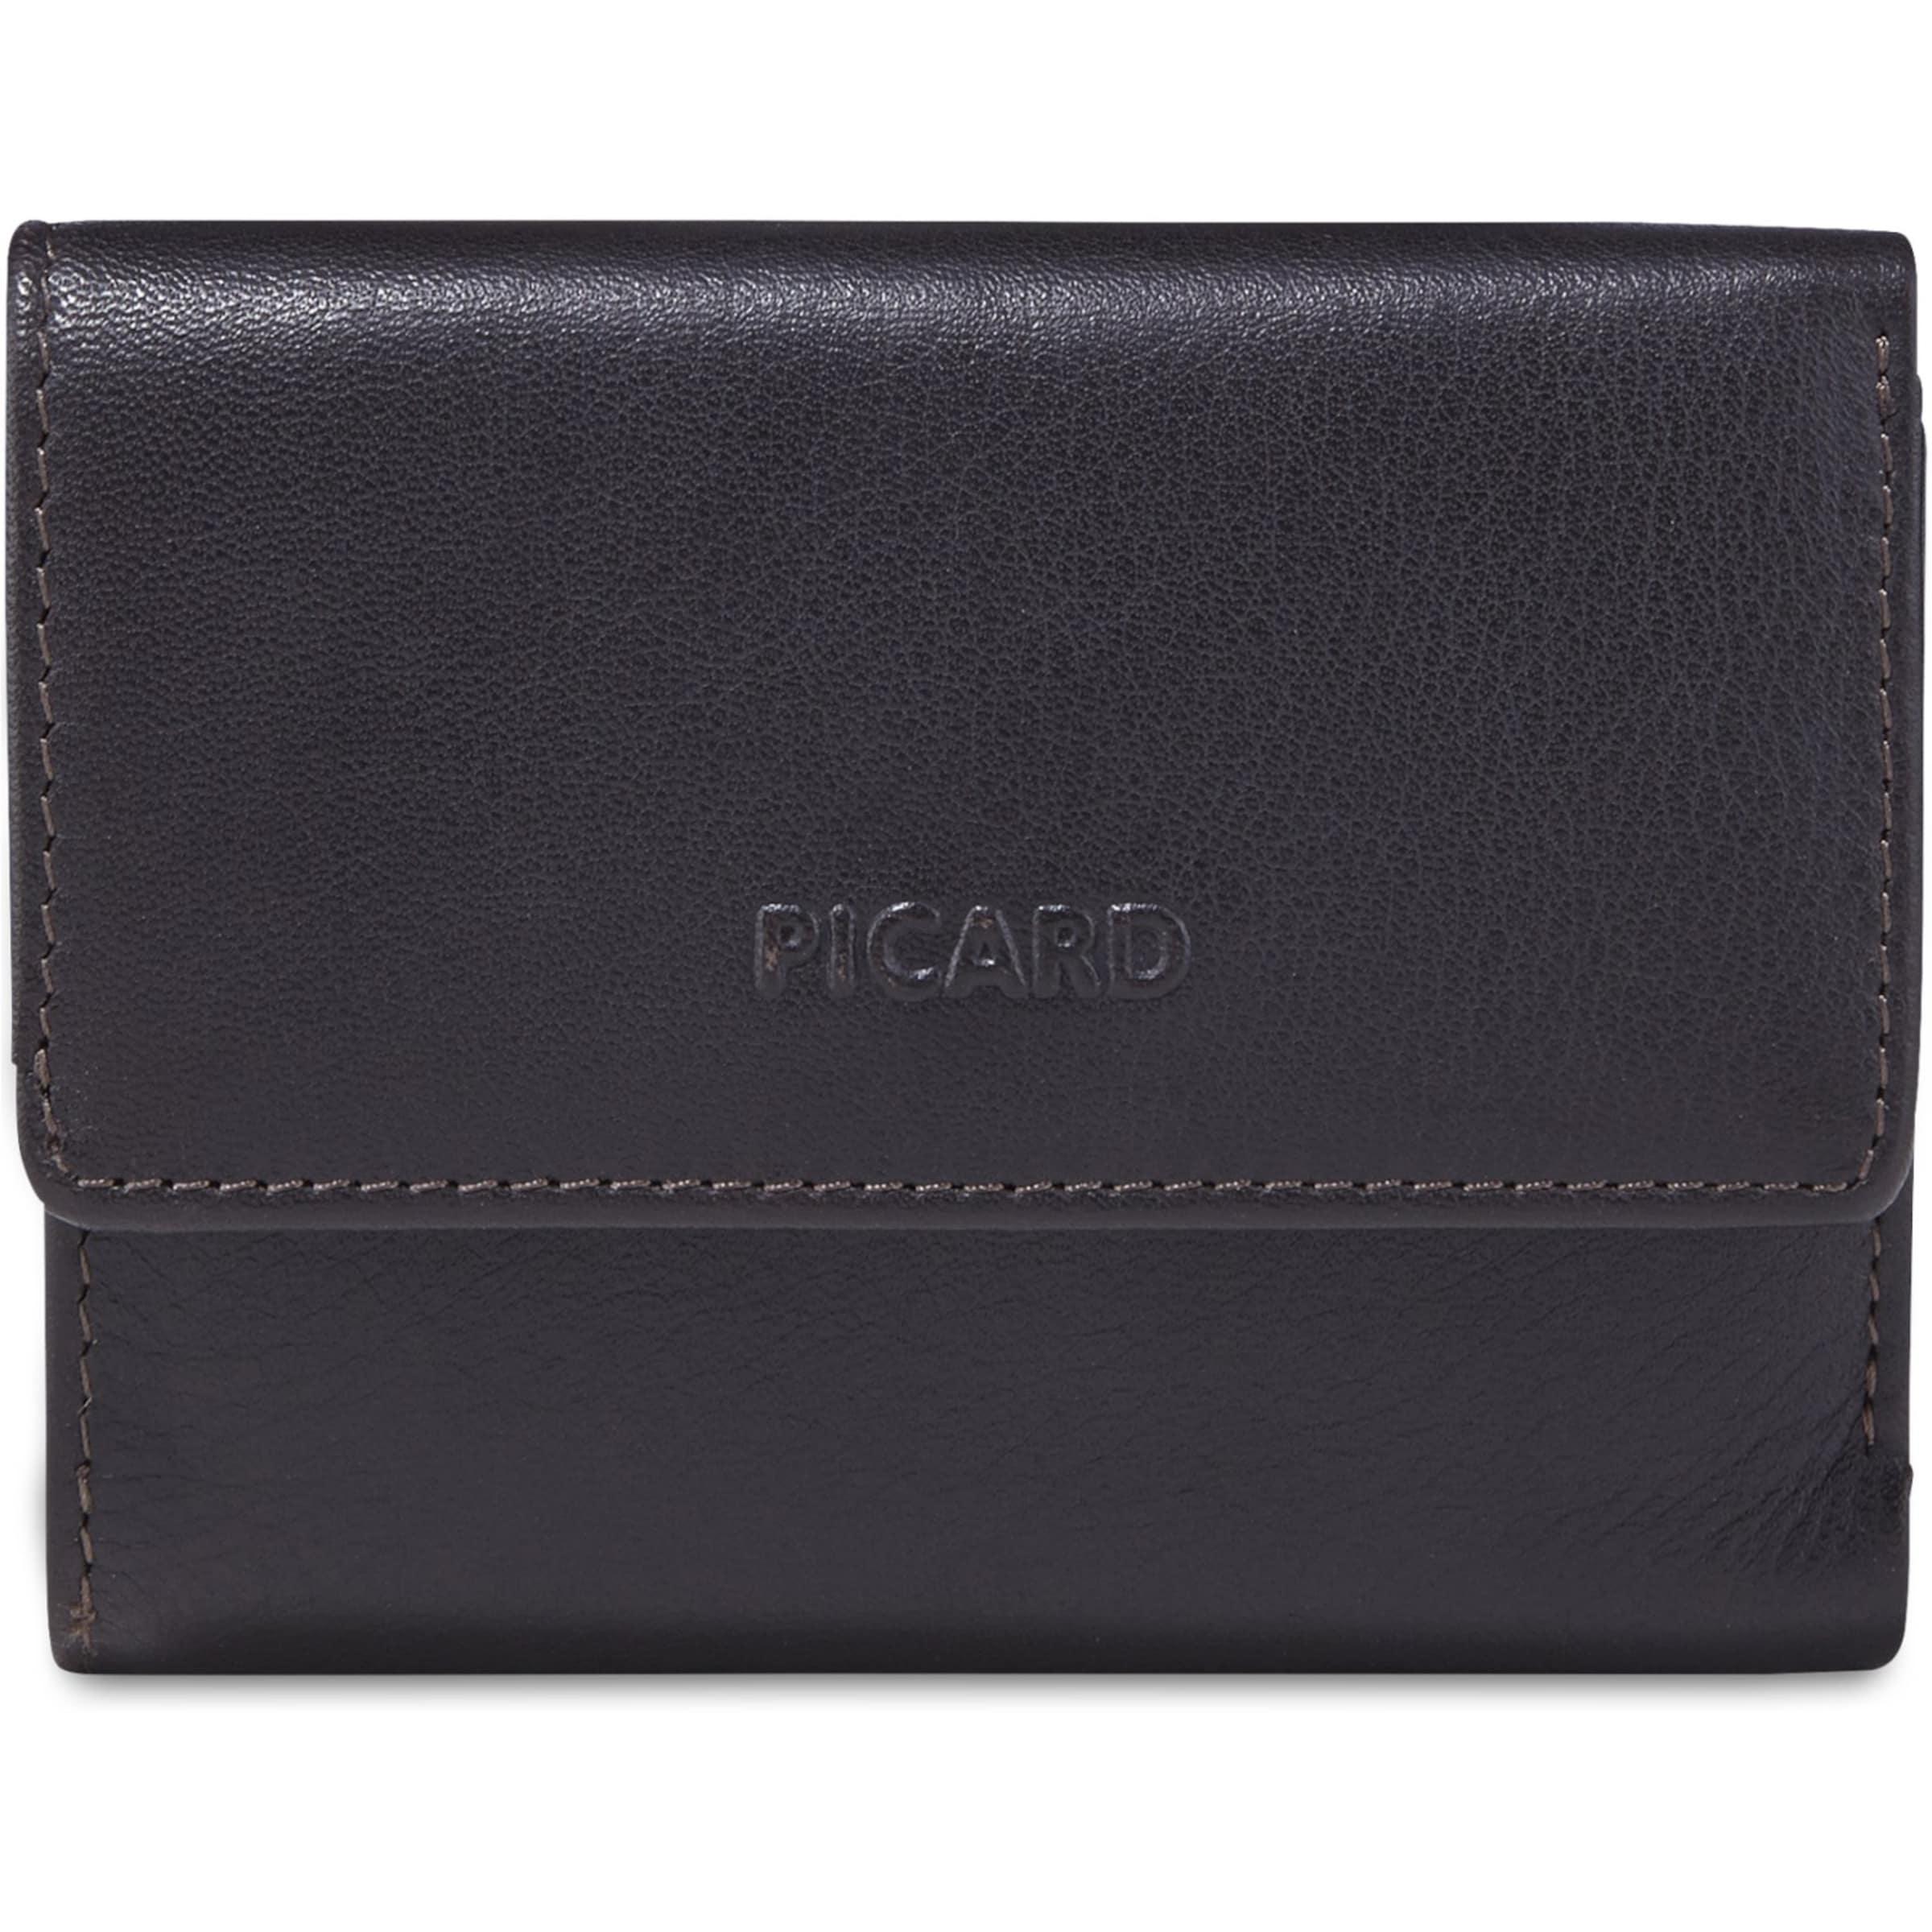 Picard Brooklyn Geldbörse Leder 10 cm Online Einkaufen Steckdose Freies Verschiffen Authentische Outlet Factory Outlet JfW9vGj3